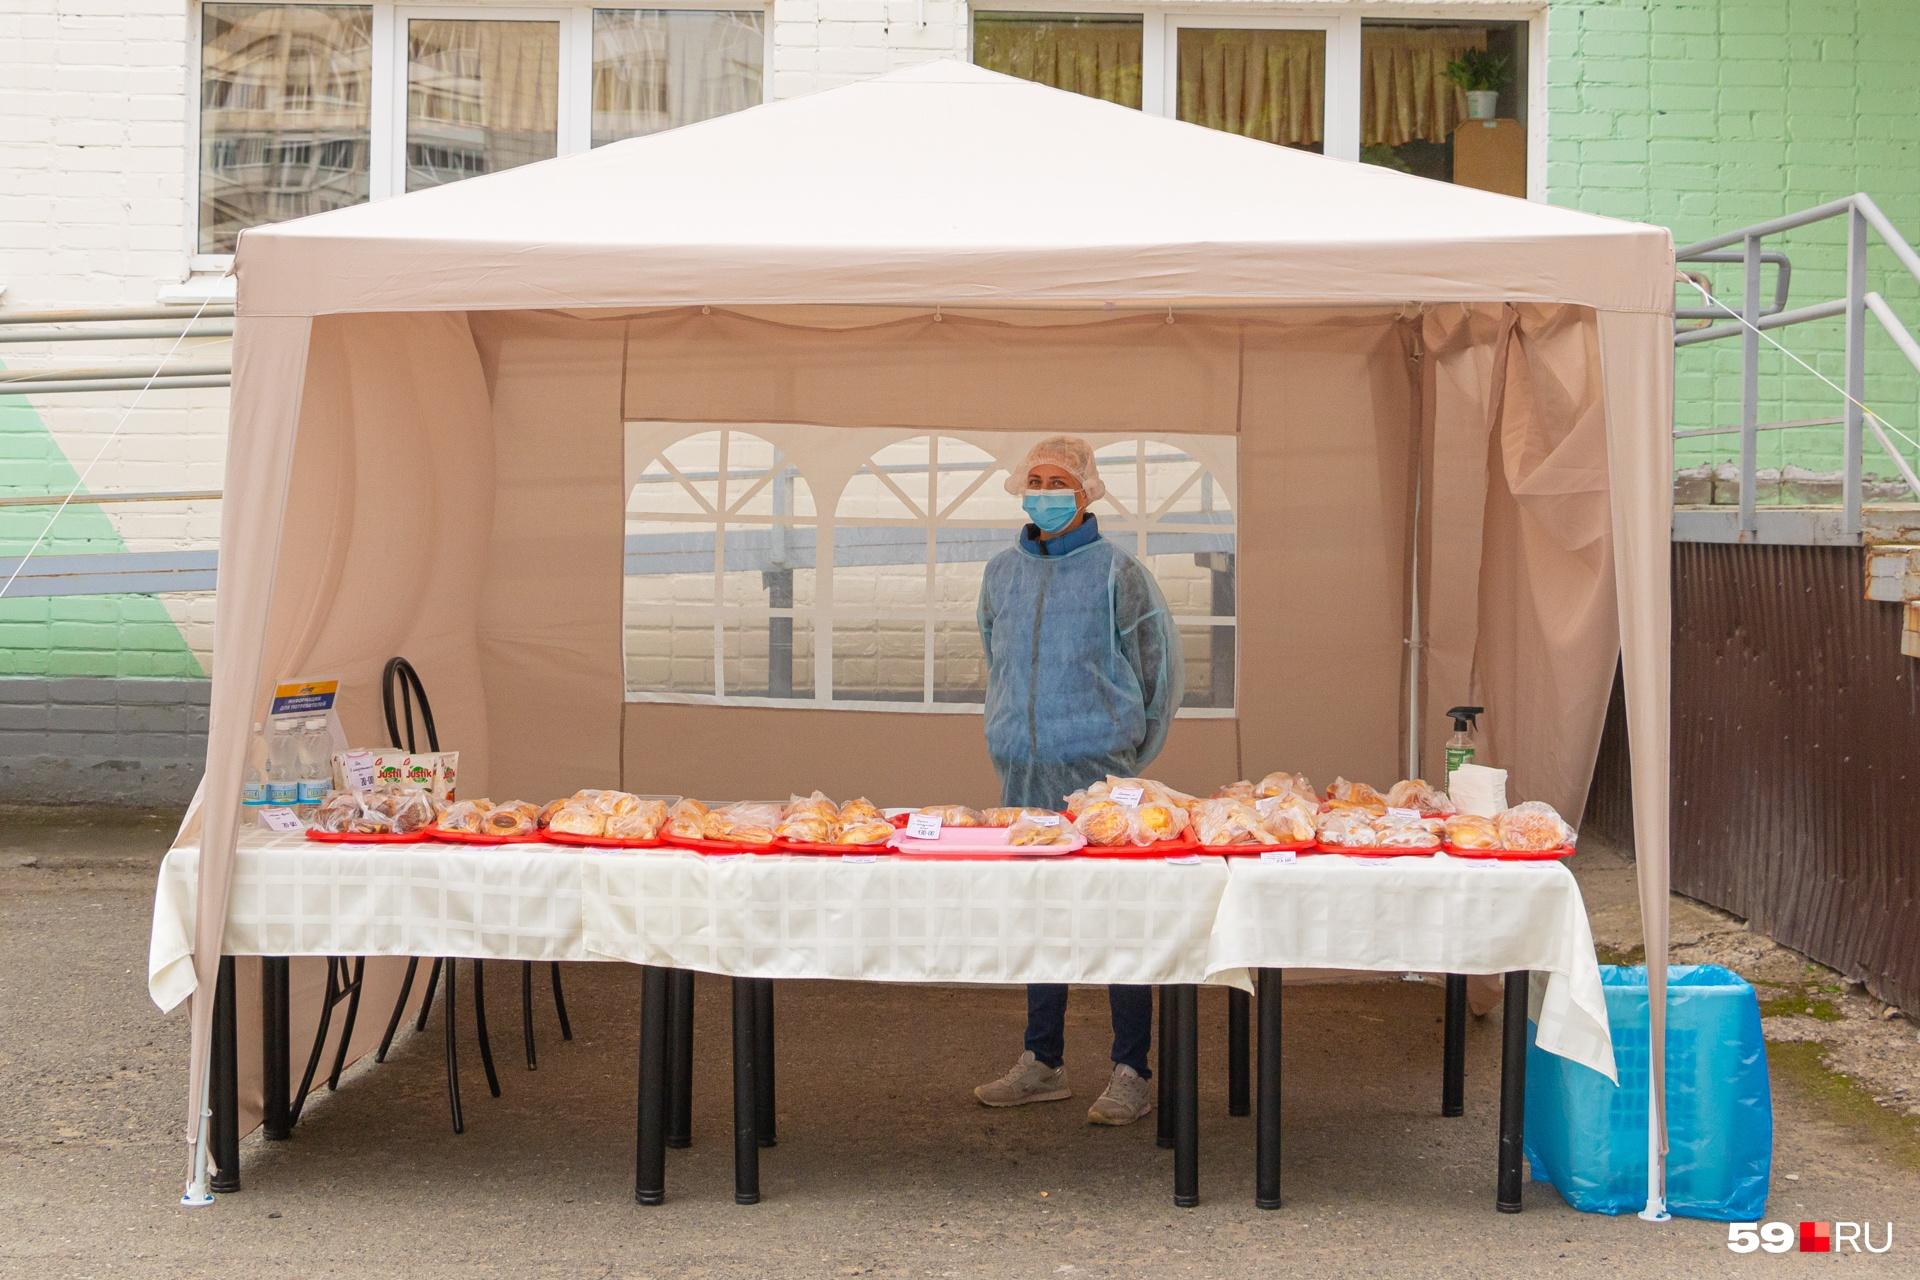 А вот палатка для тех, кто проголодался